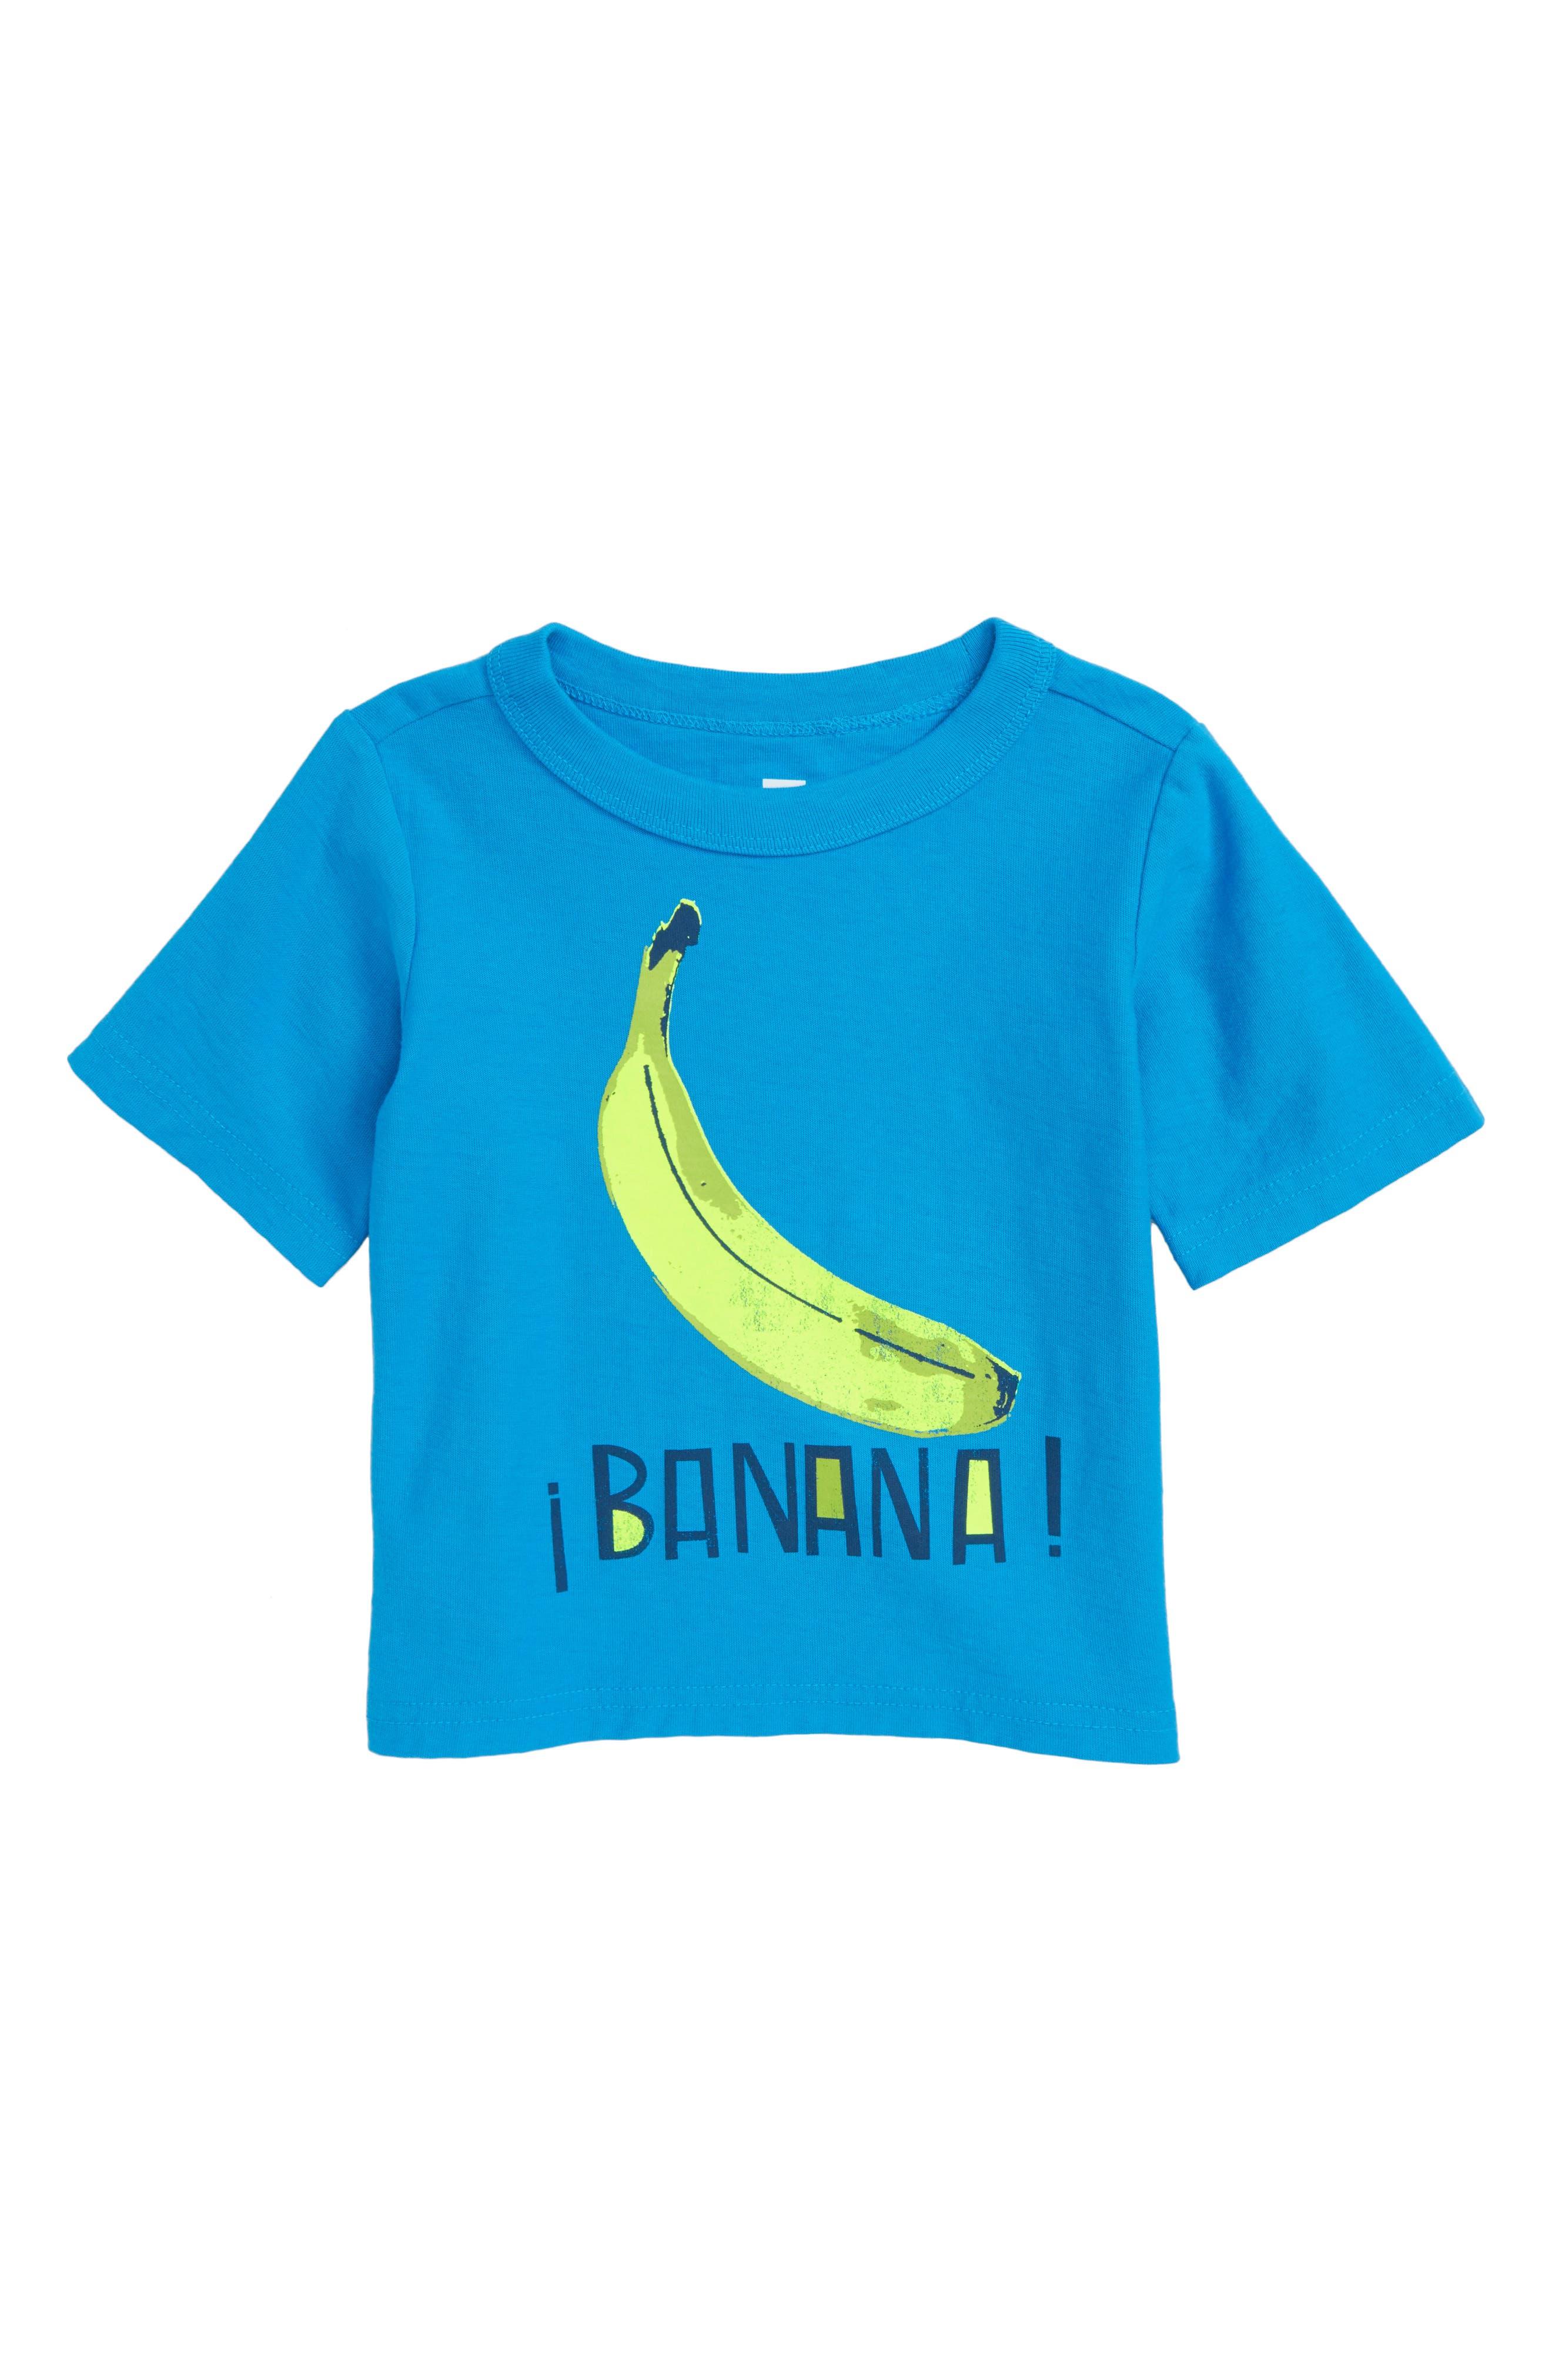 Banana Graphic T-Shirt,                             Main thumbnail 1, color,